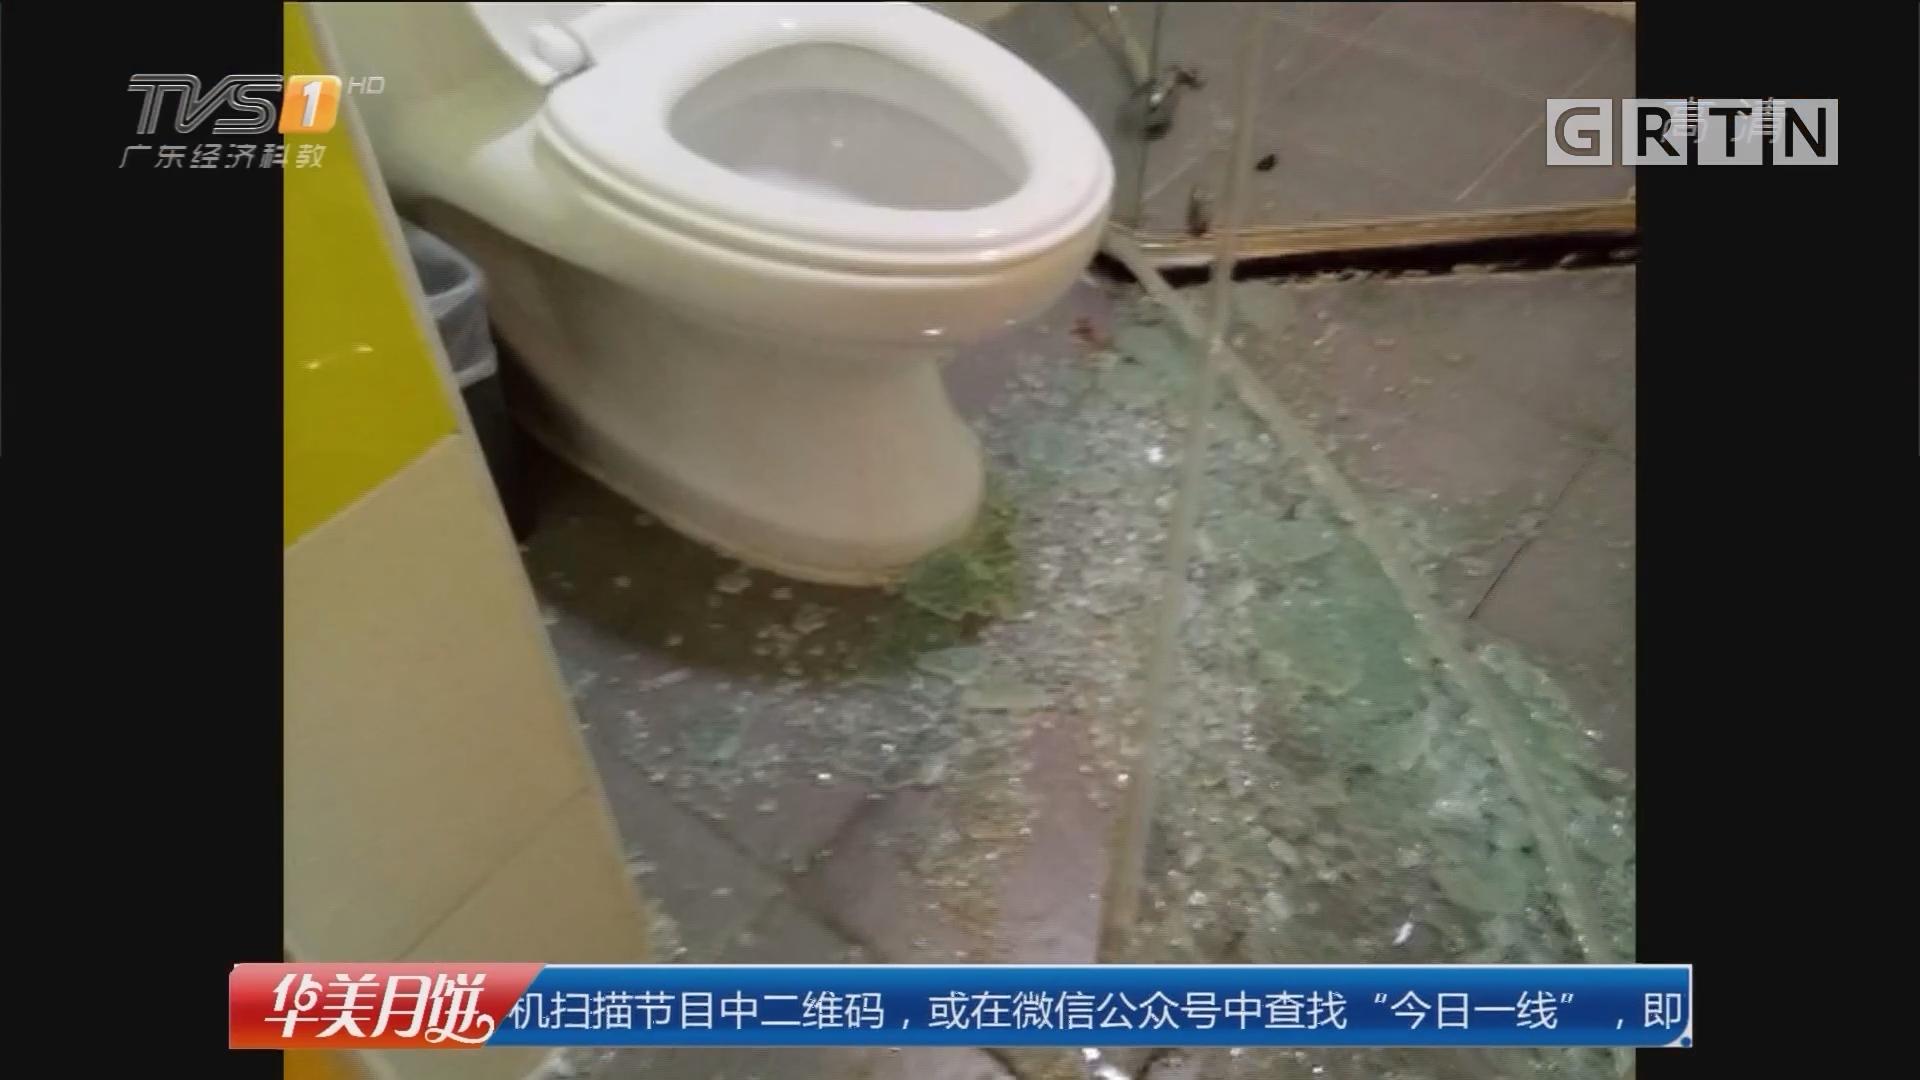 安全提醒:小心浴室玻璃爆裂! 连锁酒店浴室玻璃爆裂 女童割伤